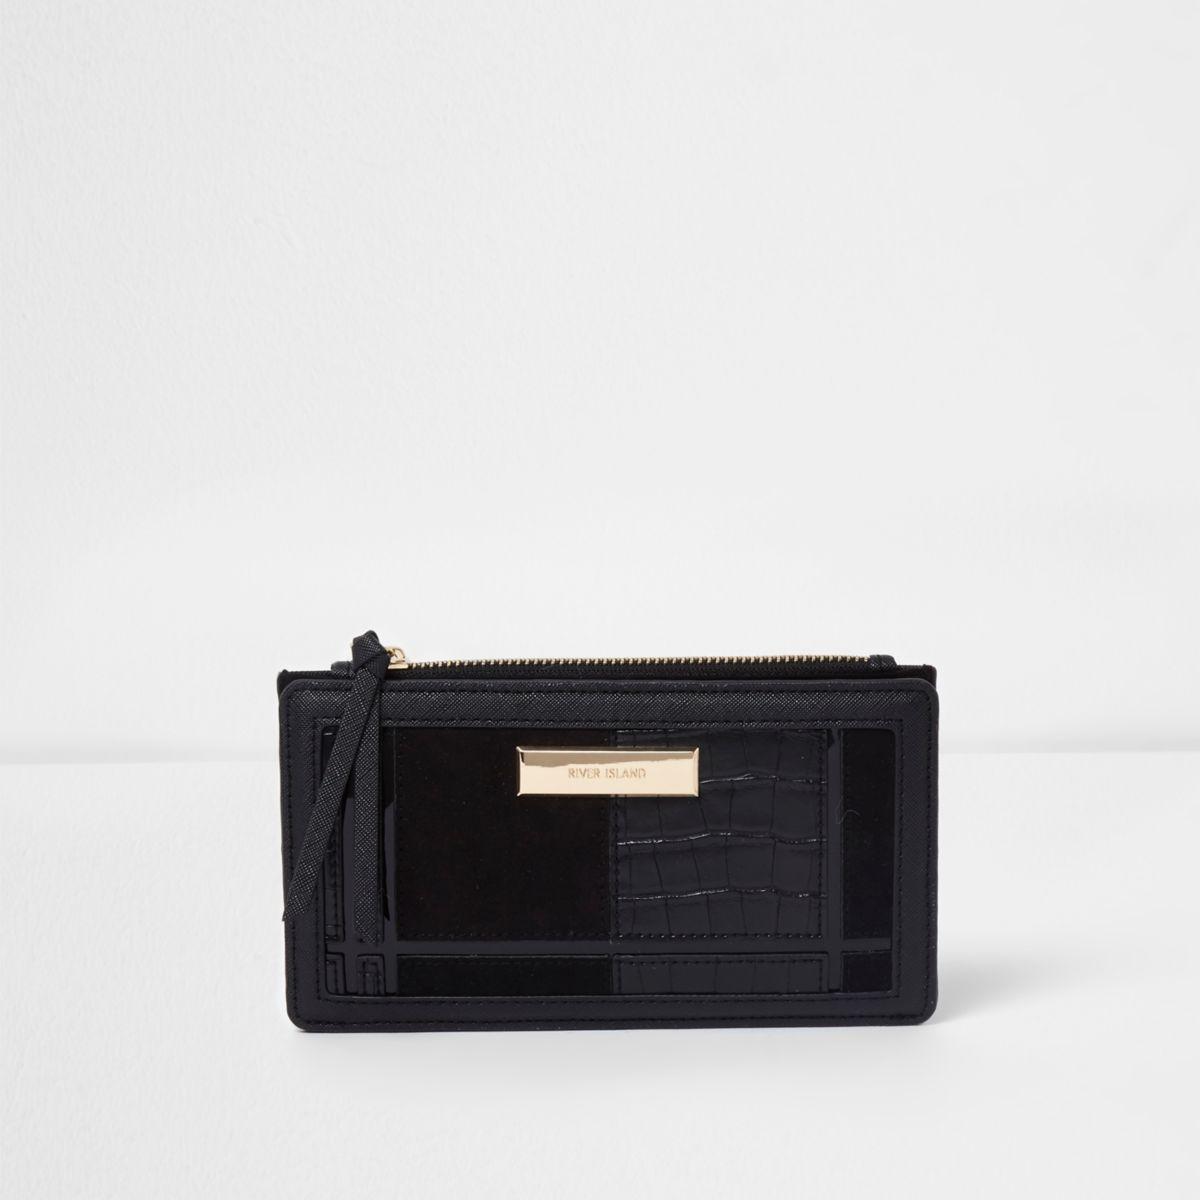 Zwarte uitvouwbare portemonnee met krokodillenprint